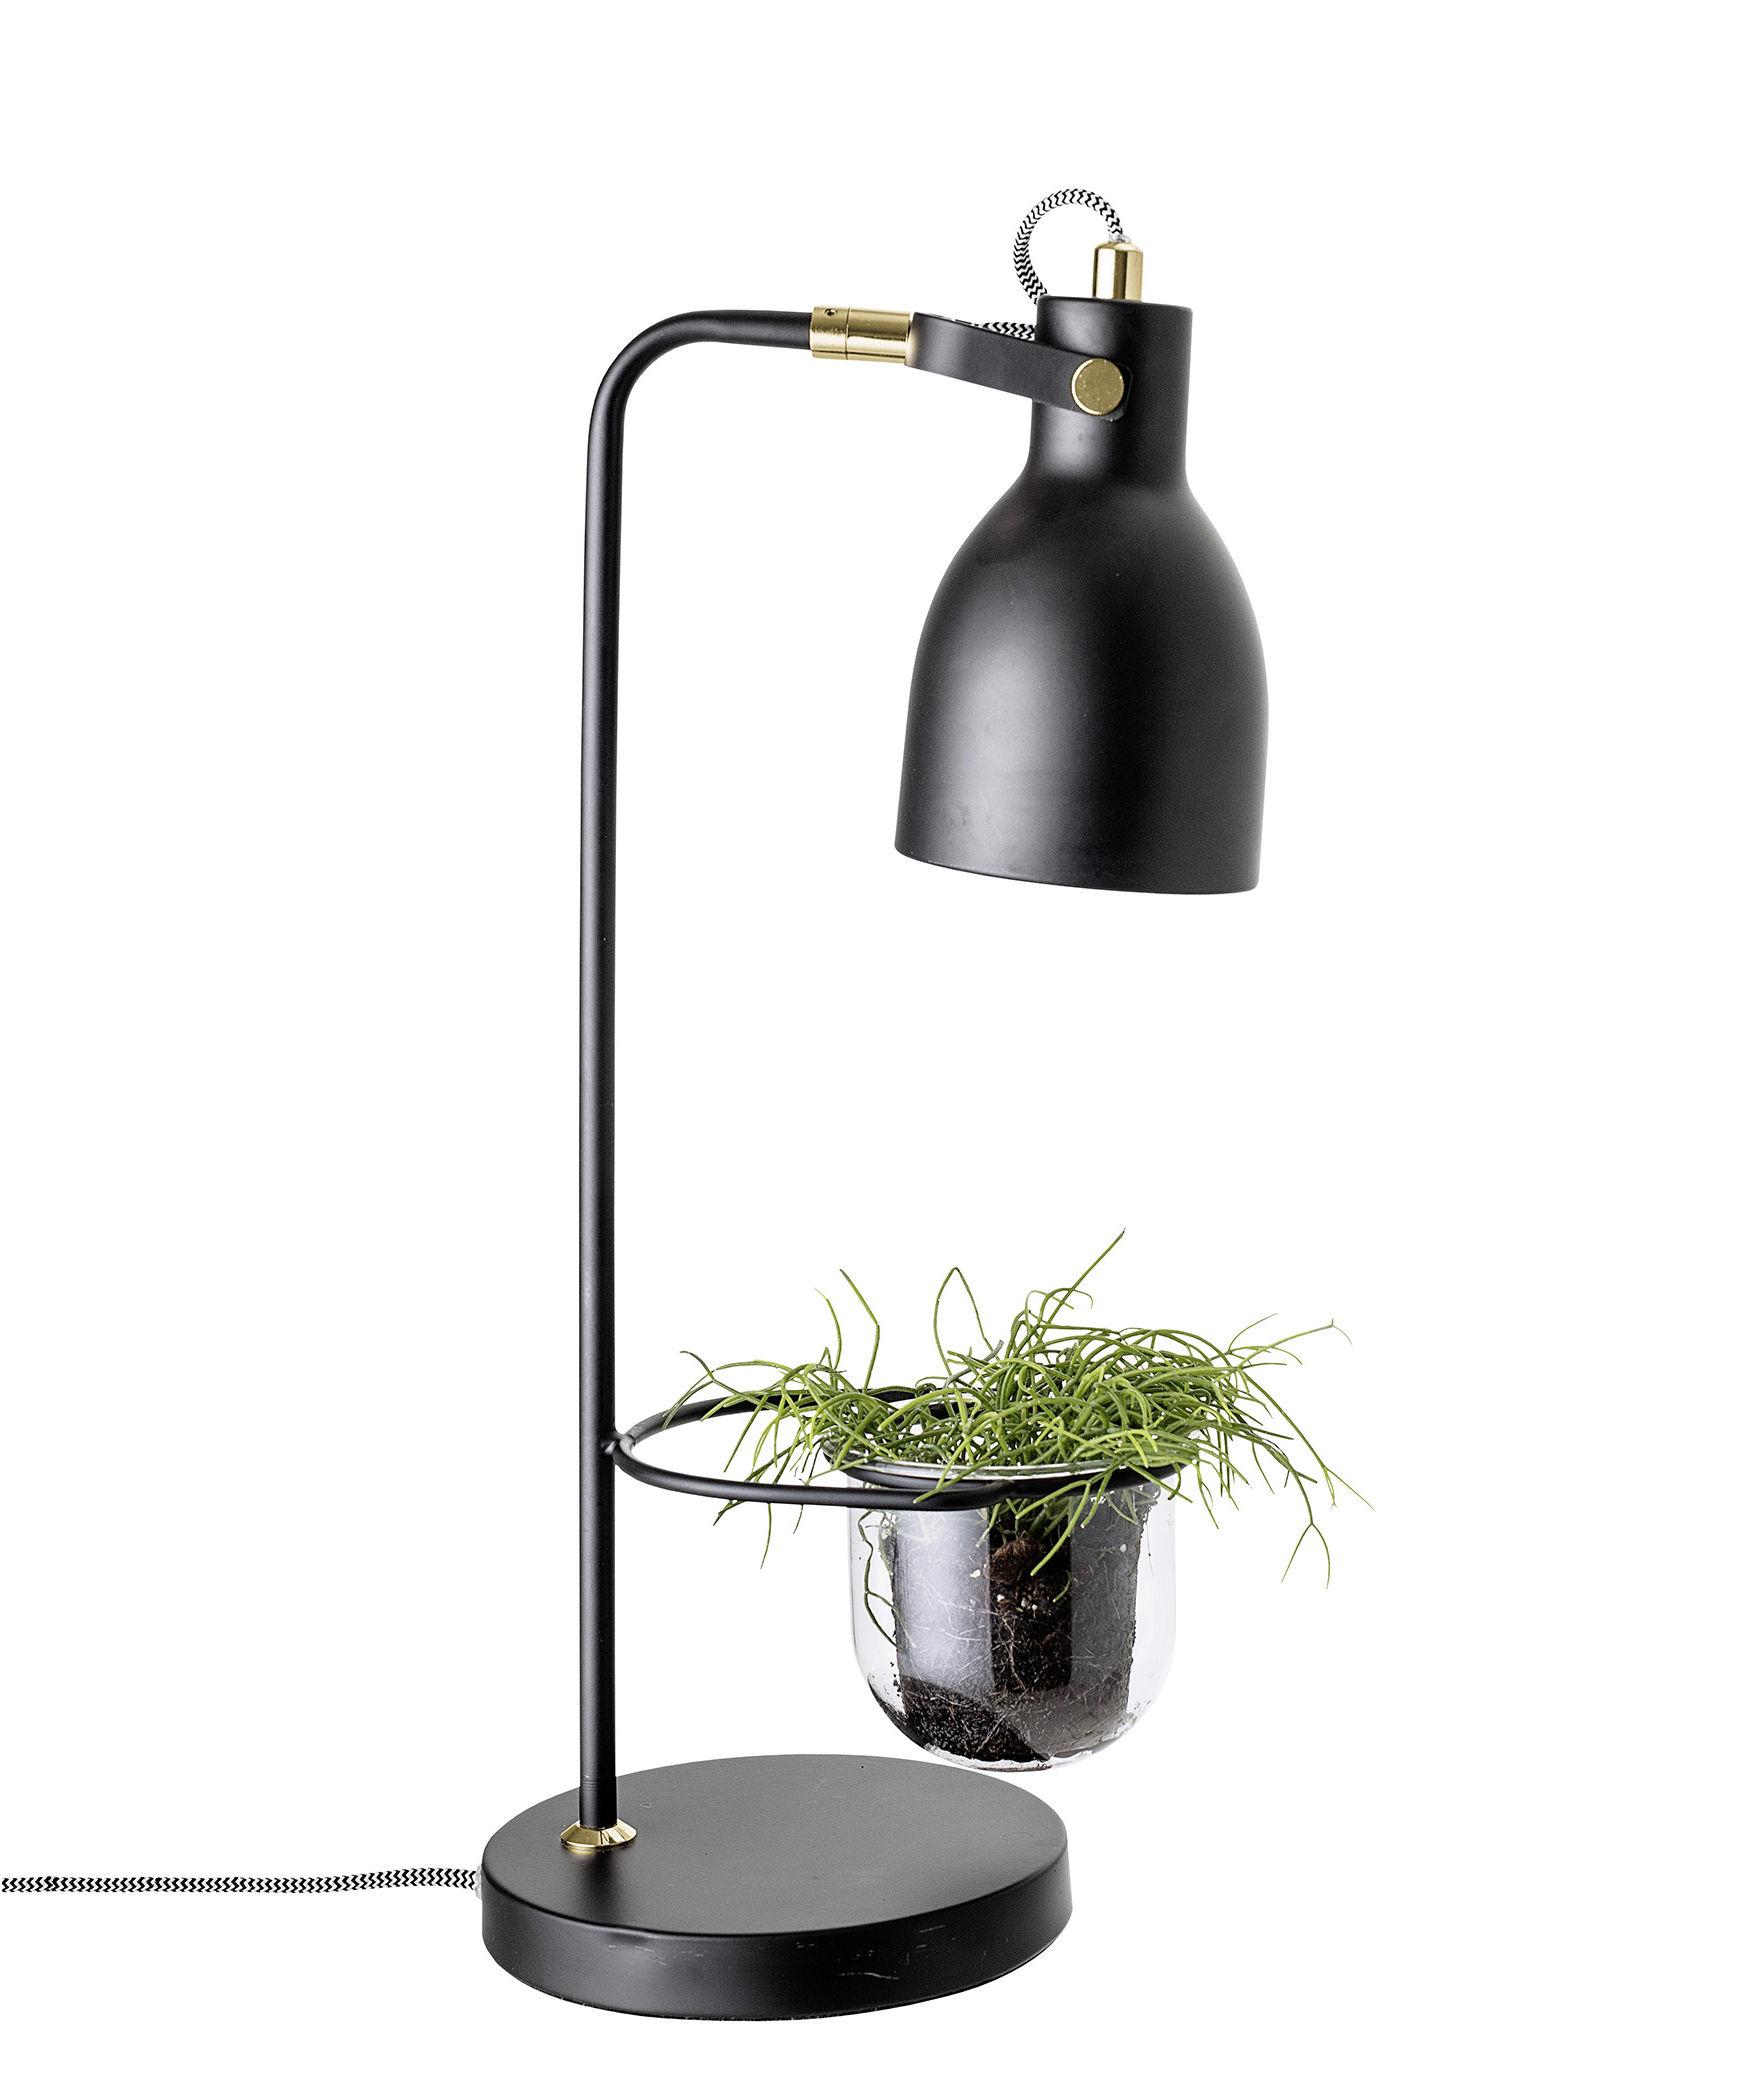 De Table Cm Pot Avec Bloomingville 18 Lampe Fleurs Ø Nw8vnm0